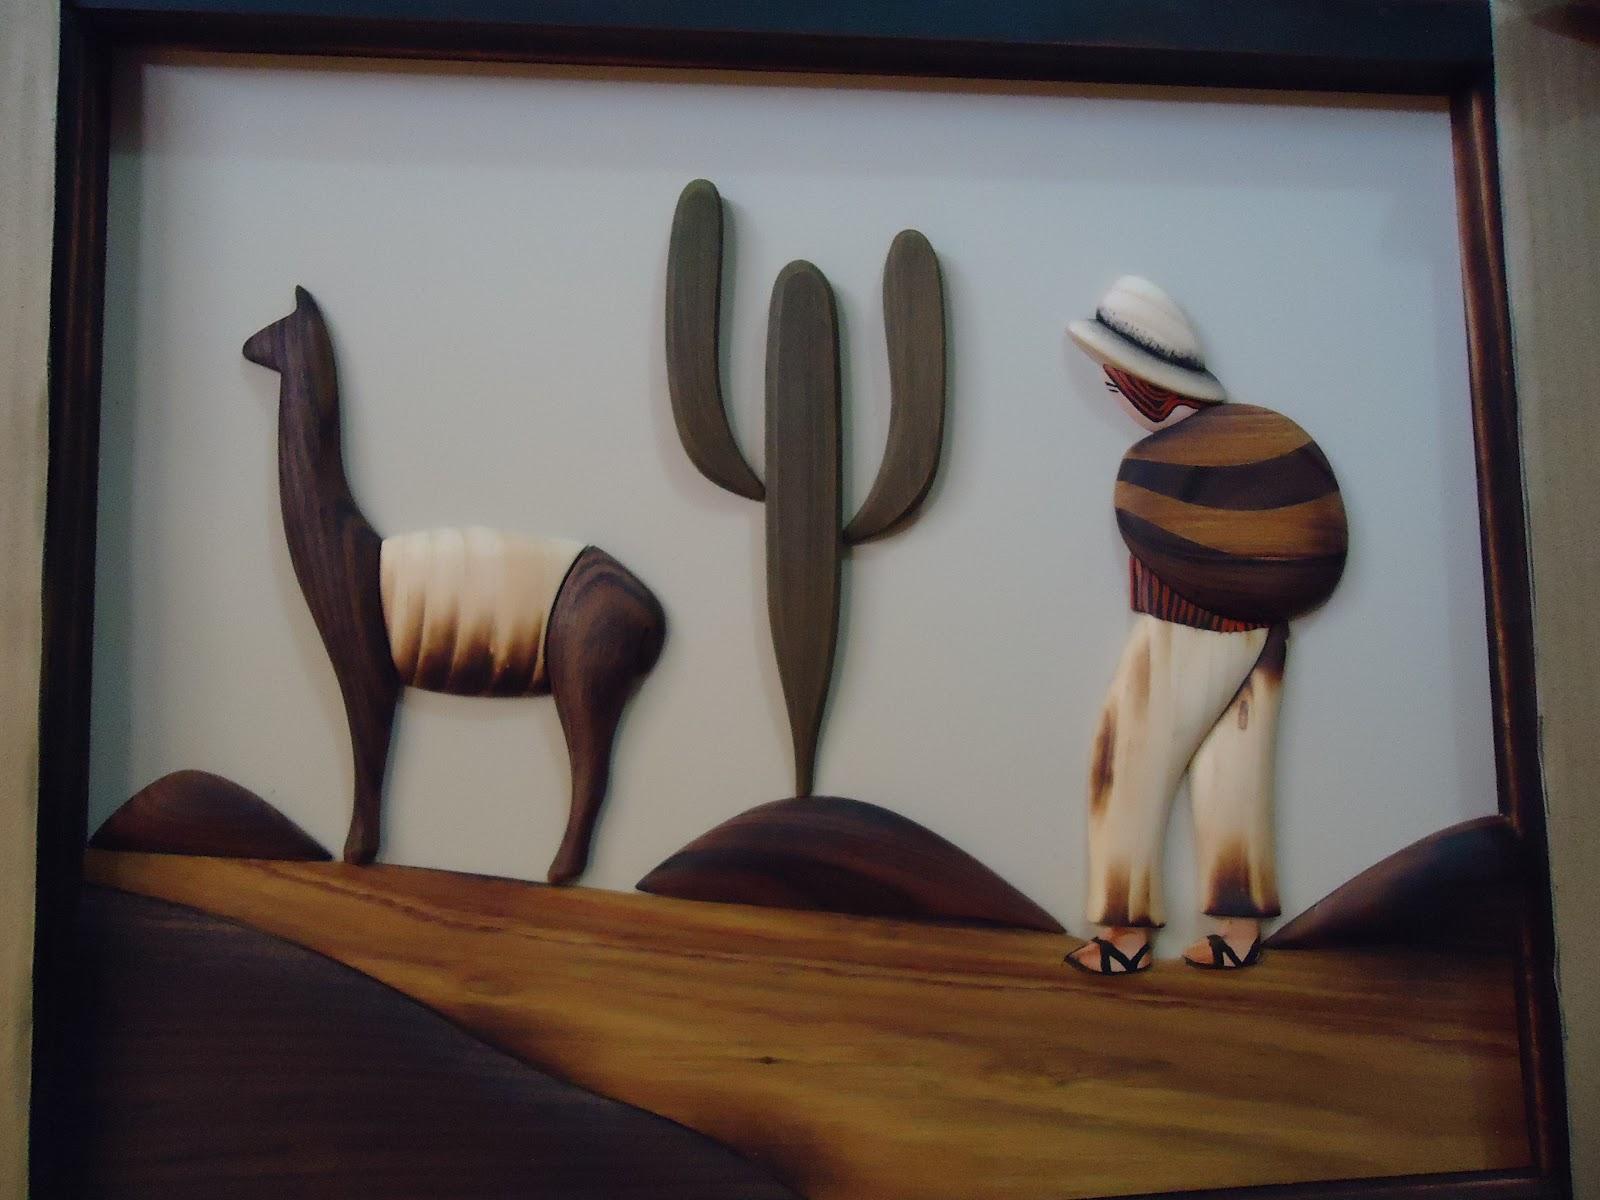 Cuadros decorativos cod 00018 gruppo missionario for Imagenes de cuadros abstractos con relieve